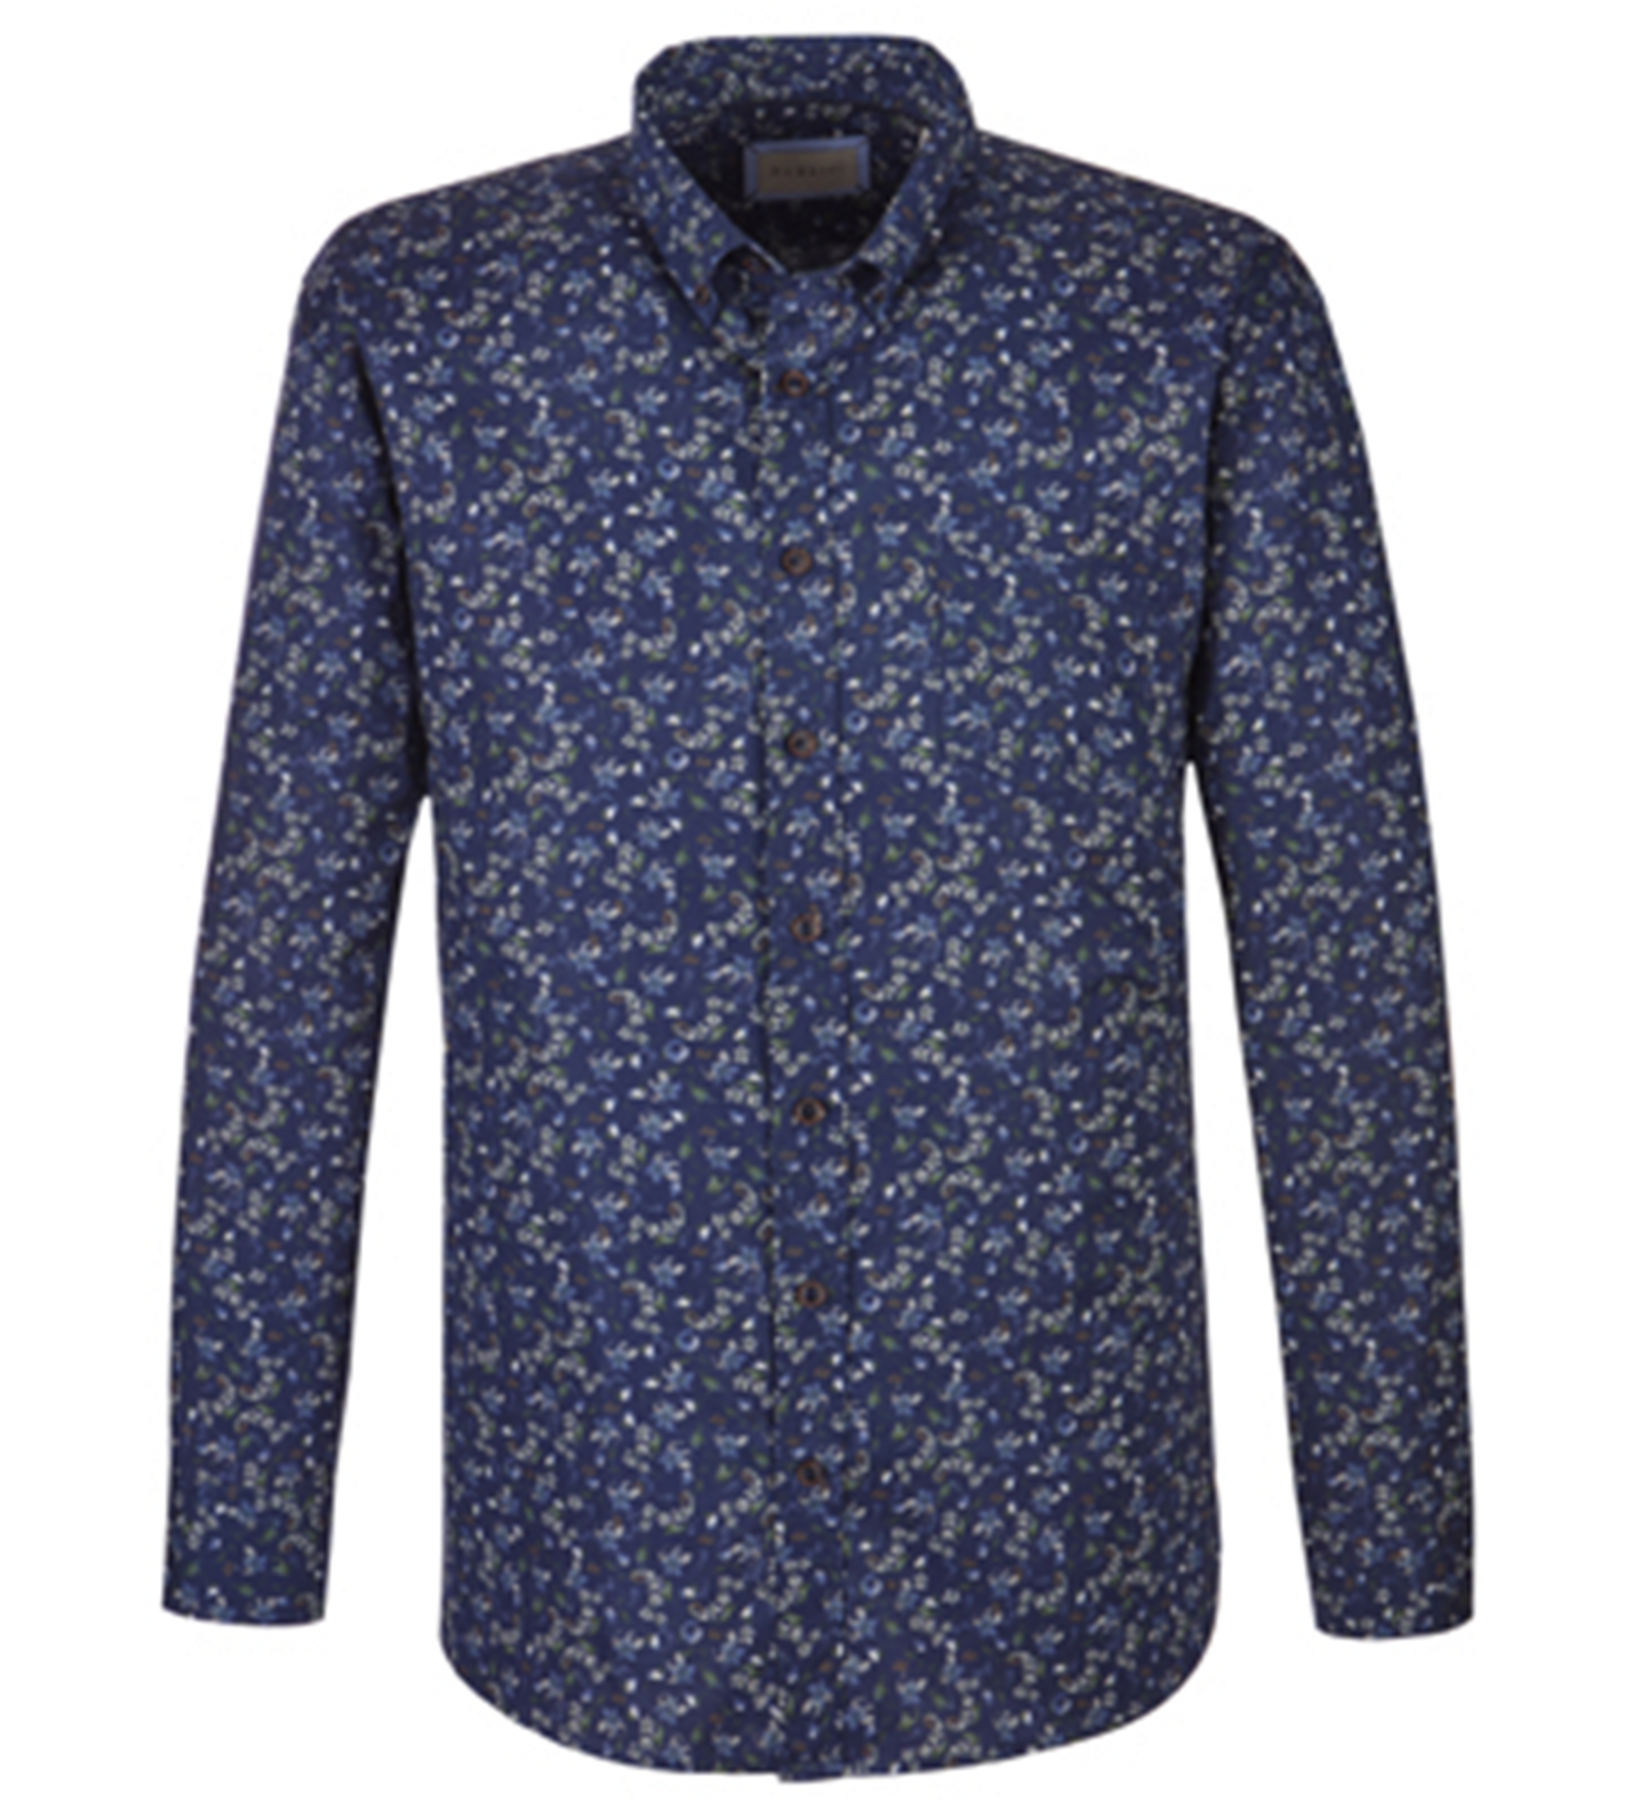 Bugatti - Herren Hemd mit floralem Muster (98803-9300)